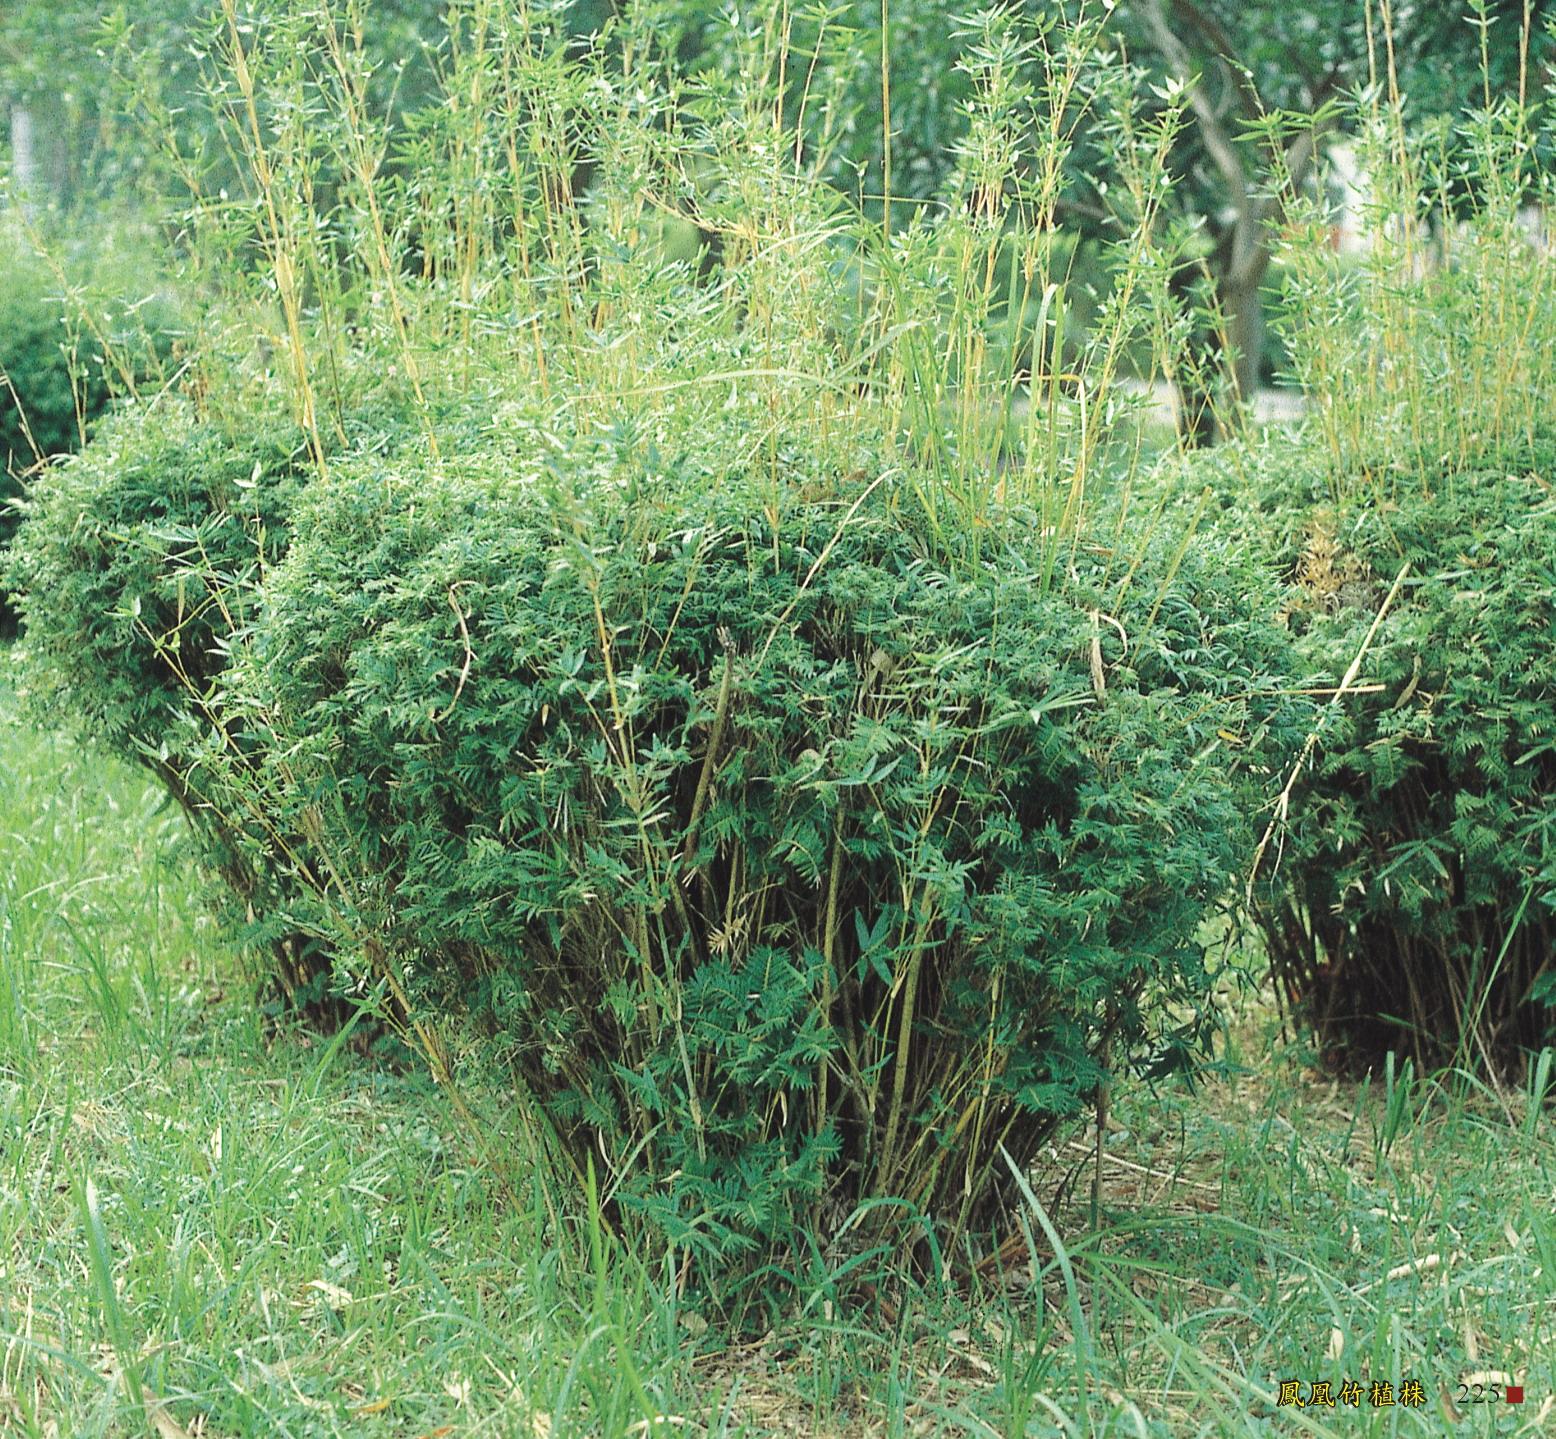 鳳凰竹植株